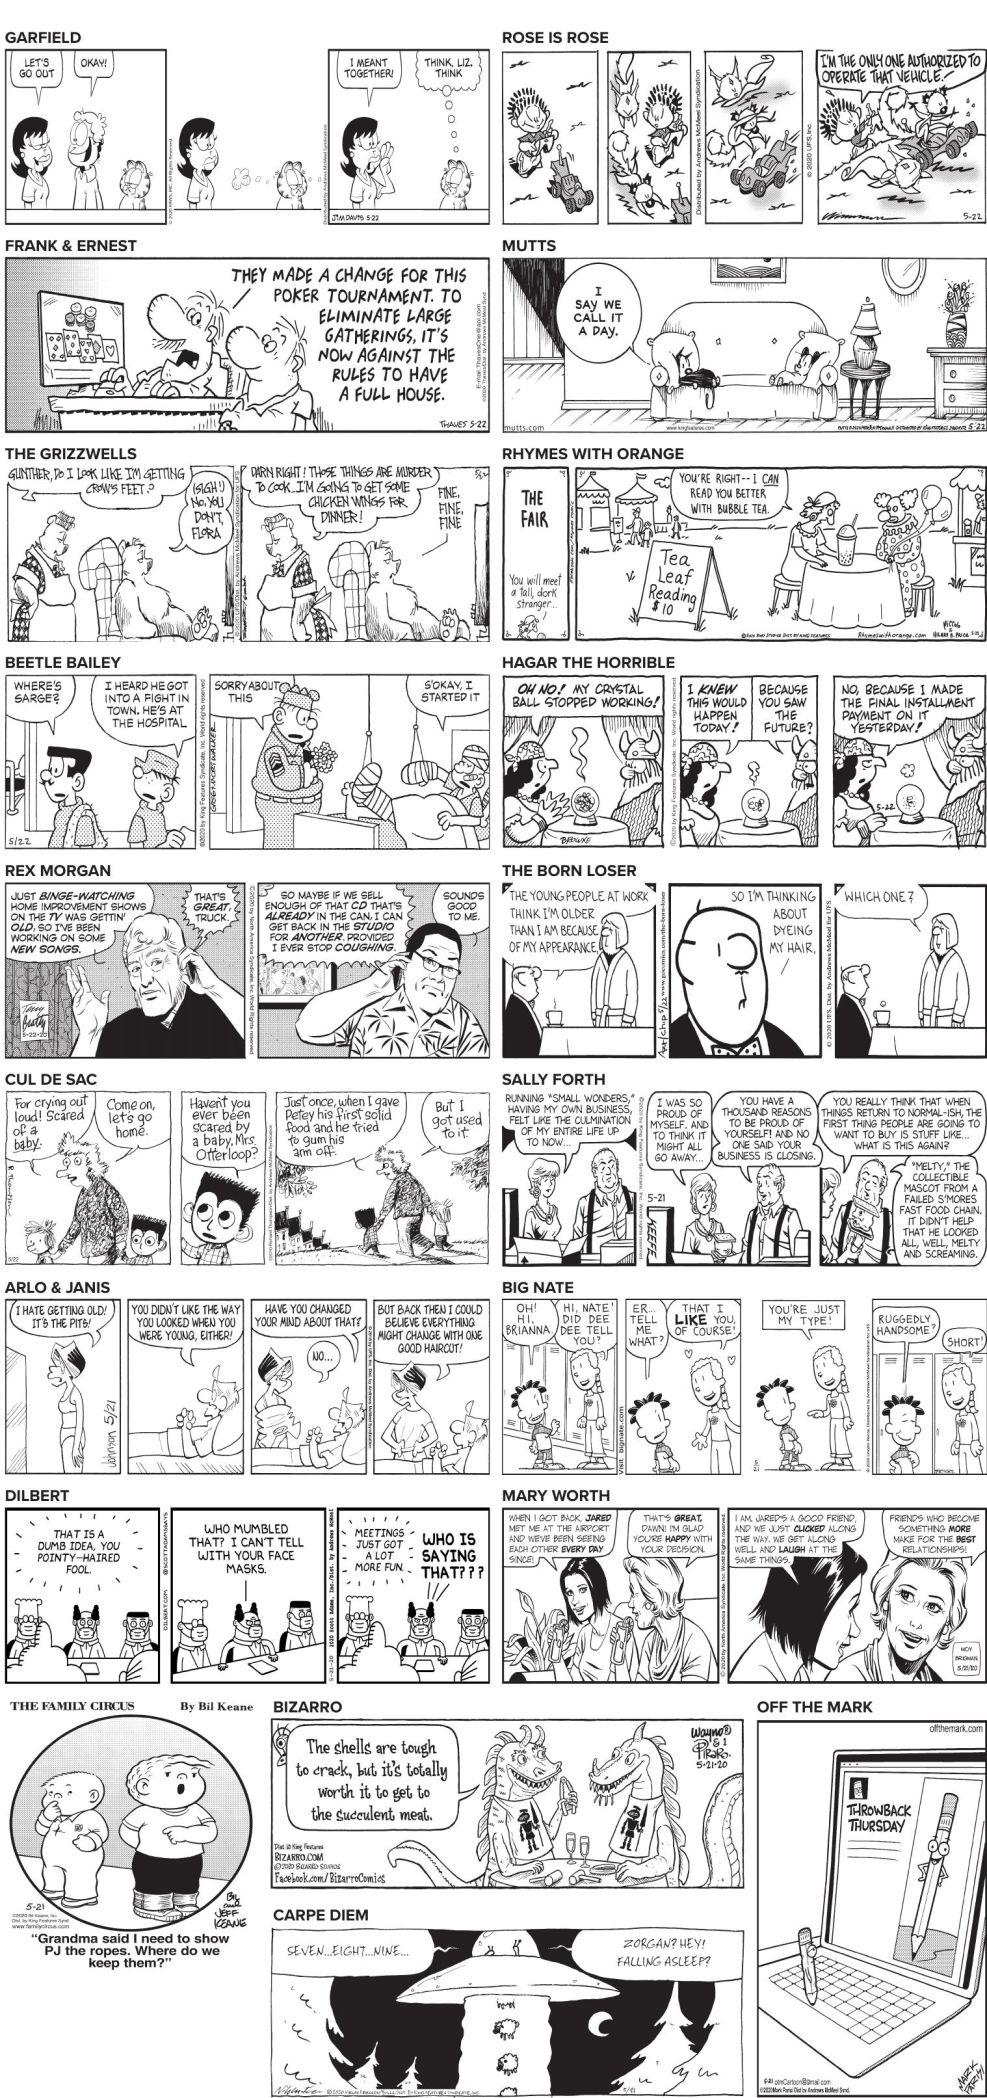 2020_05_22_TRN_001_A comics.pdf